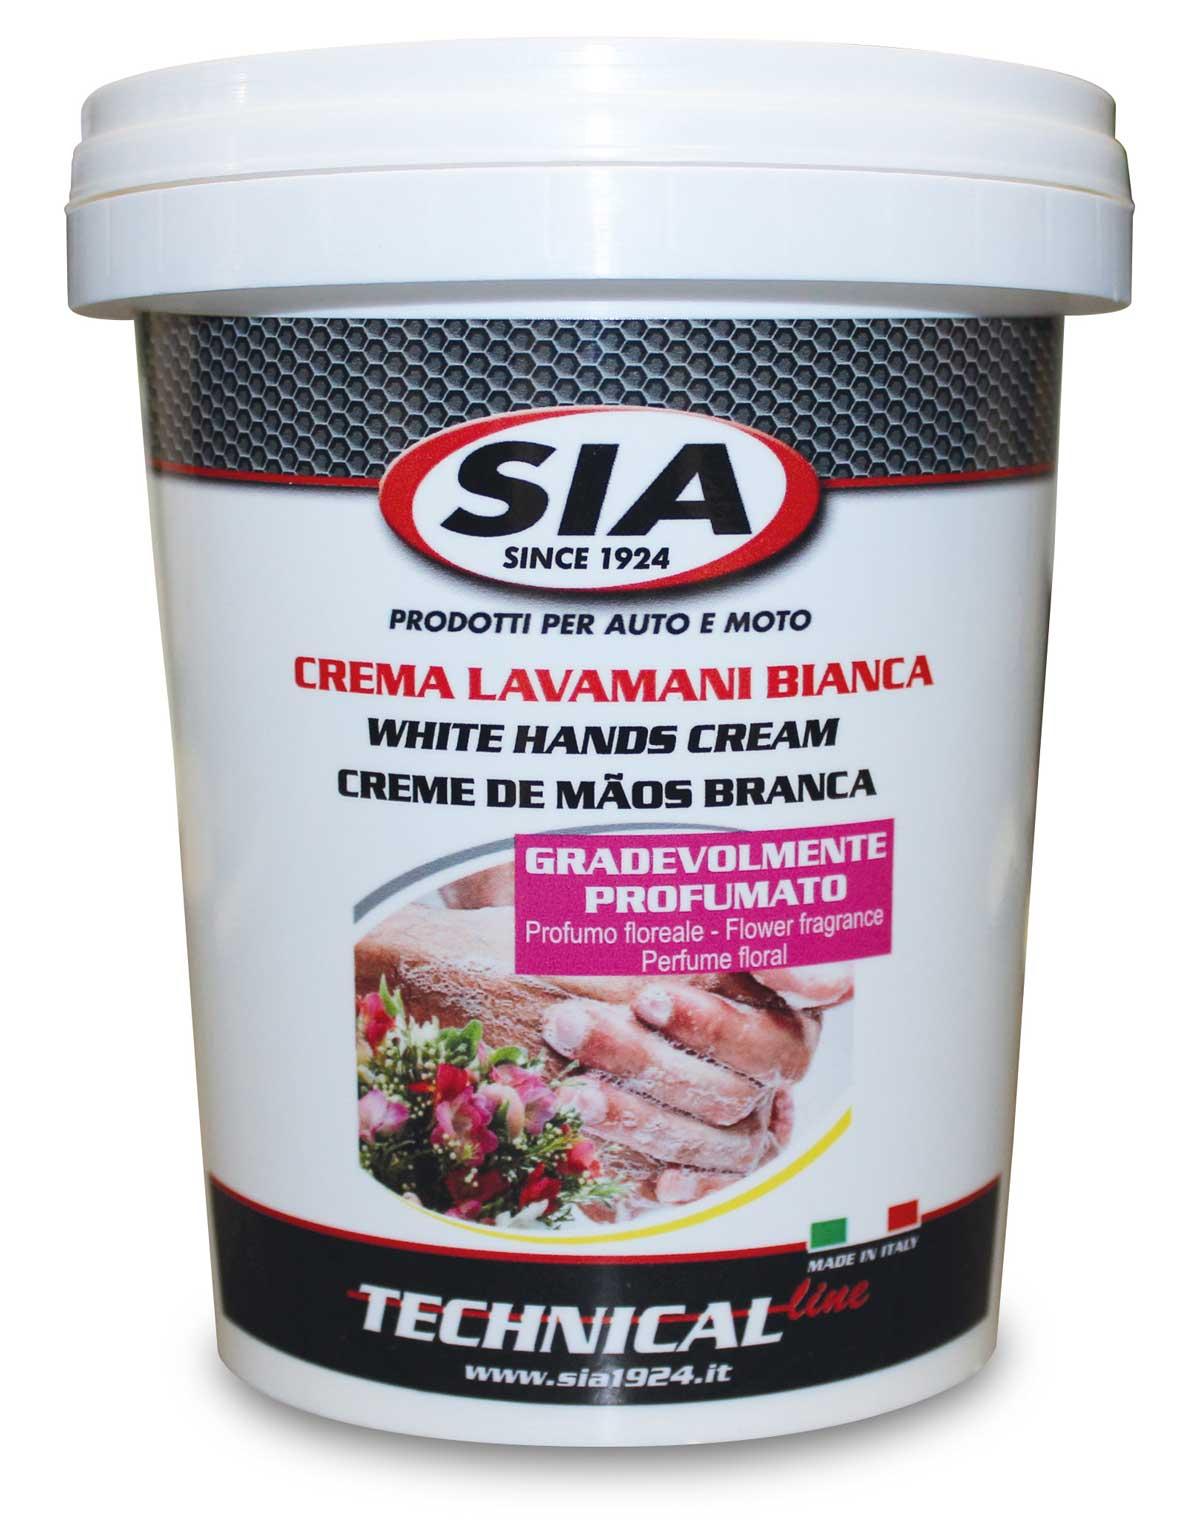 Nuovo formato per la crema lavamani bianca